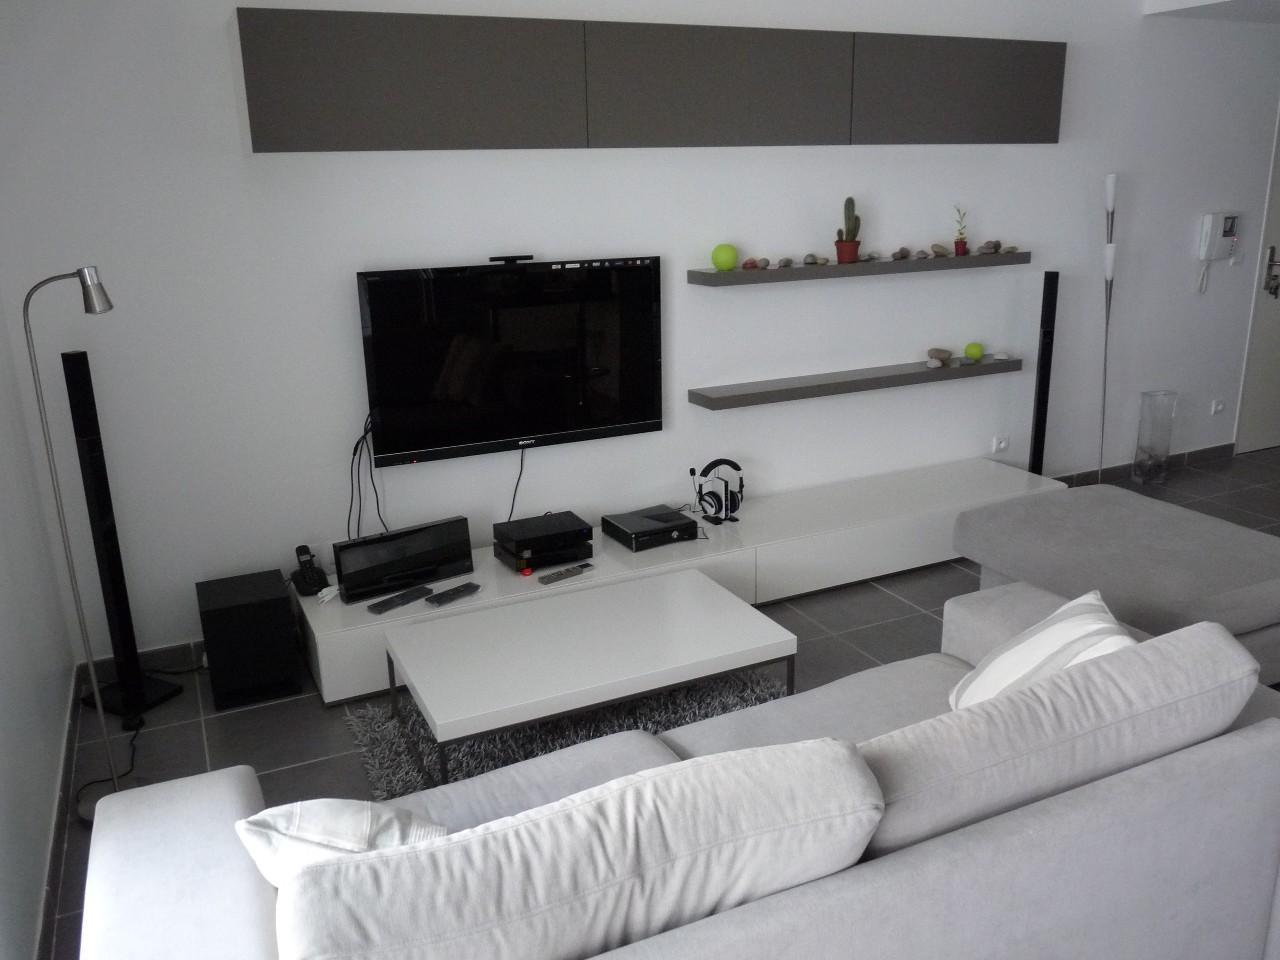 Incroyable Appartement à La Ciotat - Meublé De Tourisme Classé - Location Saisonnière  à La Ciotat, P.A.C.A, Bouches Du Rhône